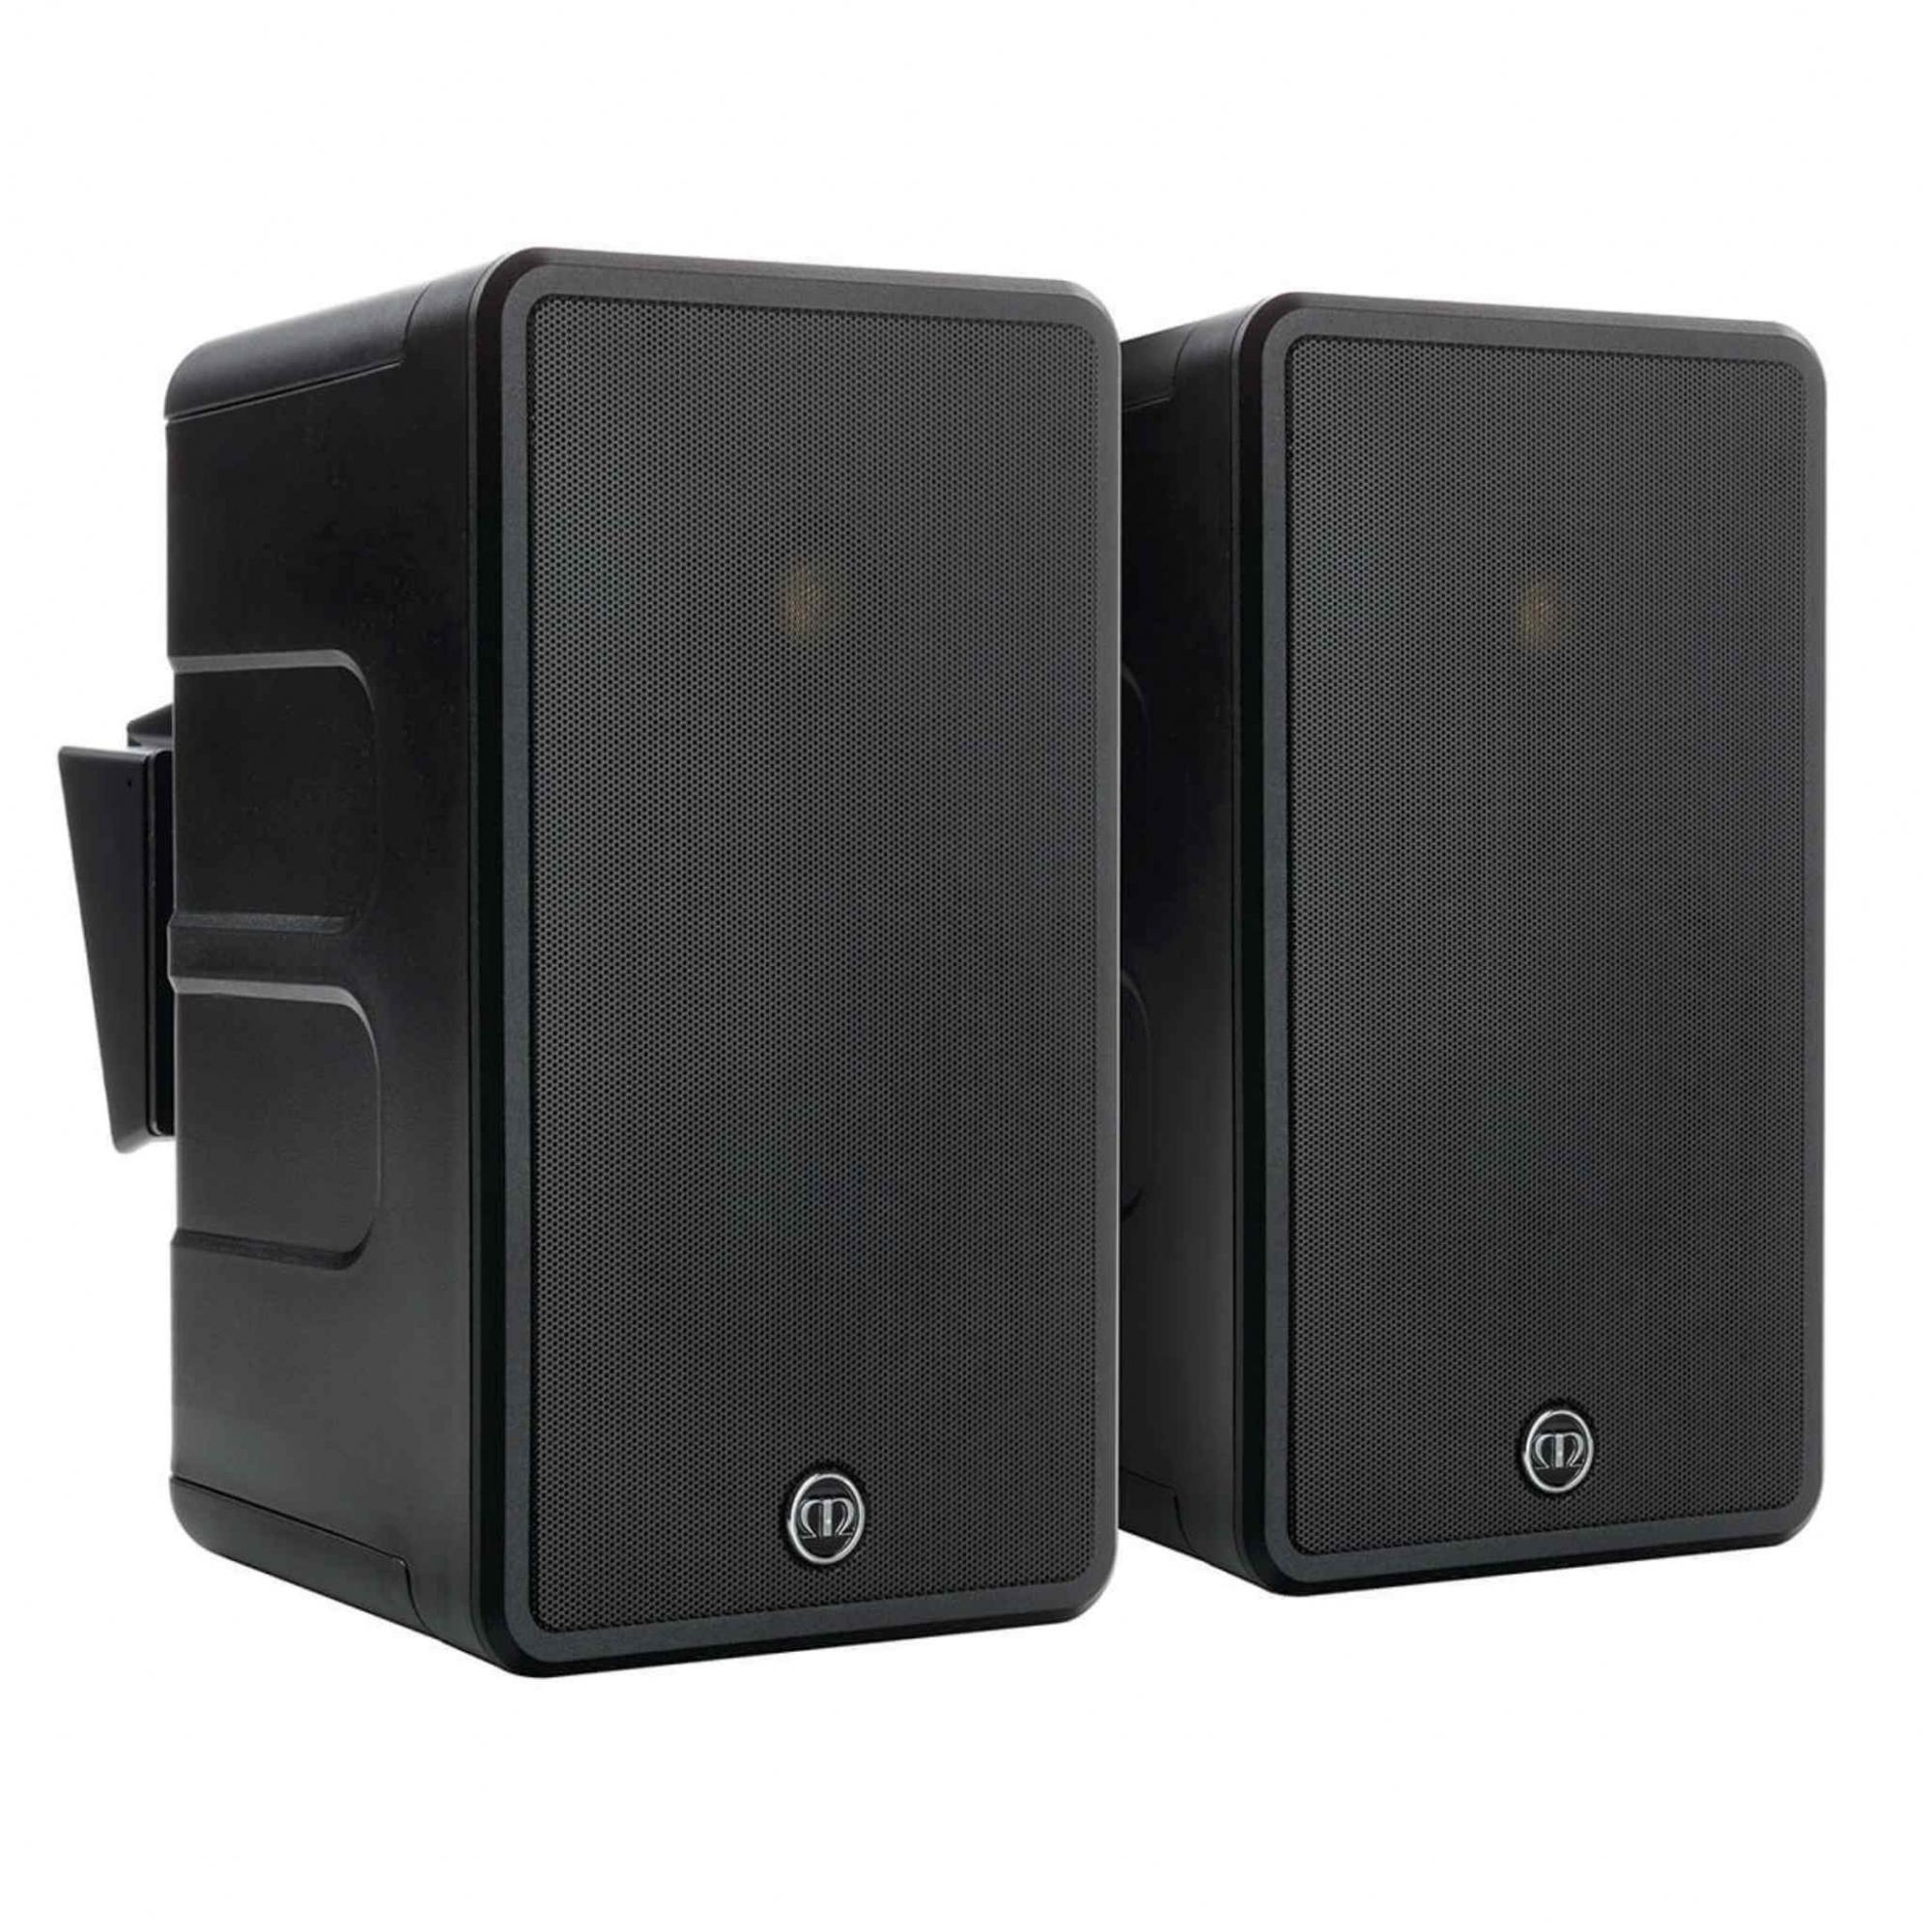 Monitor Audio Climate 60 - Par de caixas acústicas Externas 100w 8 ohms - Preto